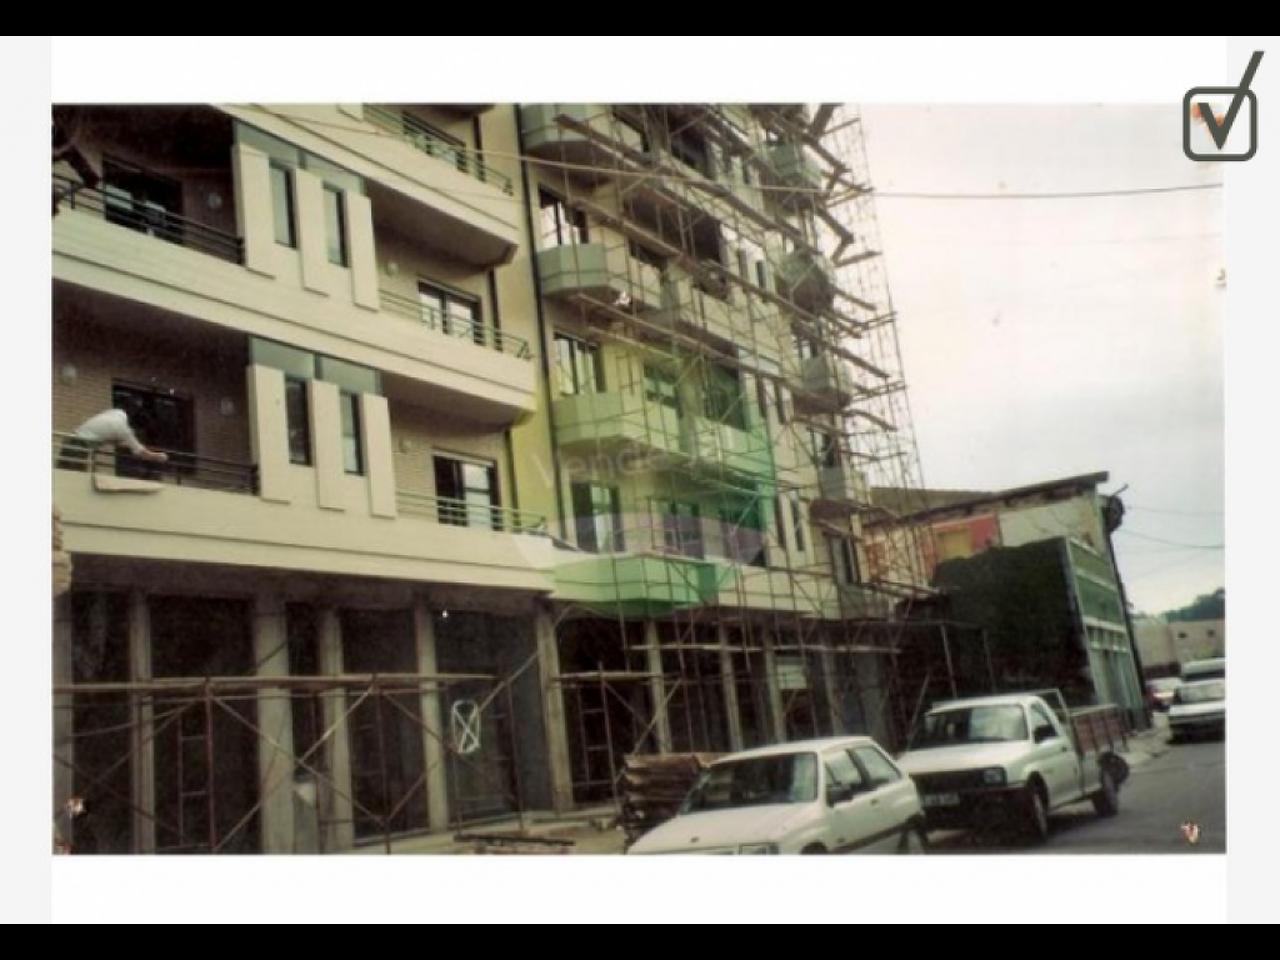 Construção Pinturas Trolha Tectos Falsos Etc, - Porto - 1/1